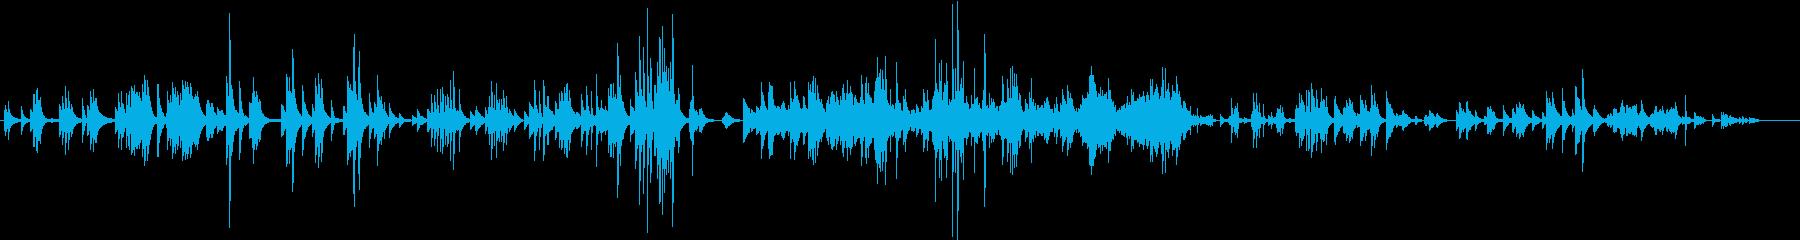 ベルガマスク組曲「月の光」ドビュッシーの再生済みの波形